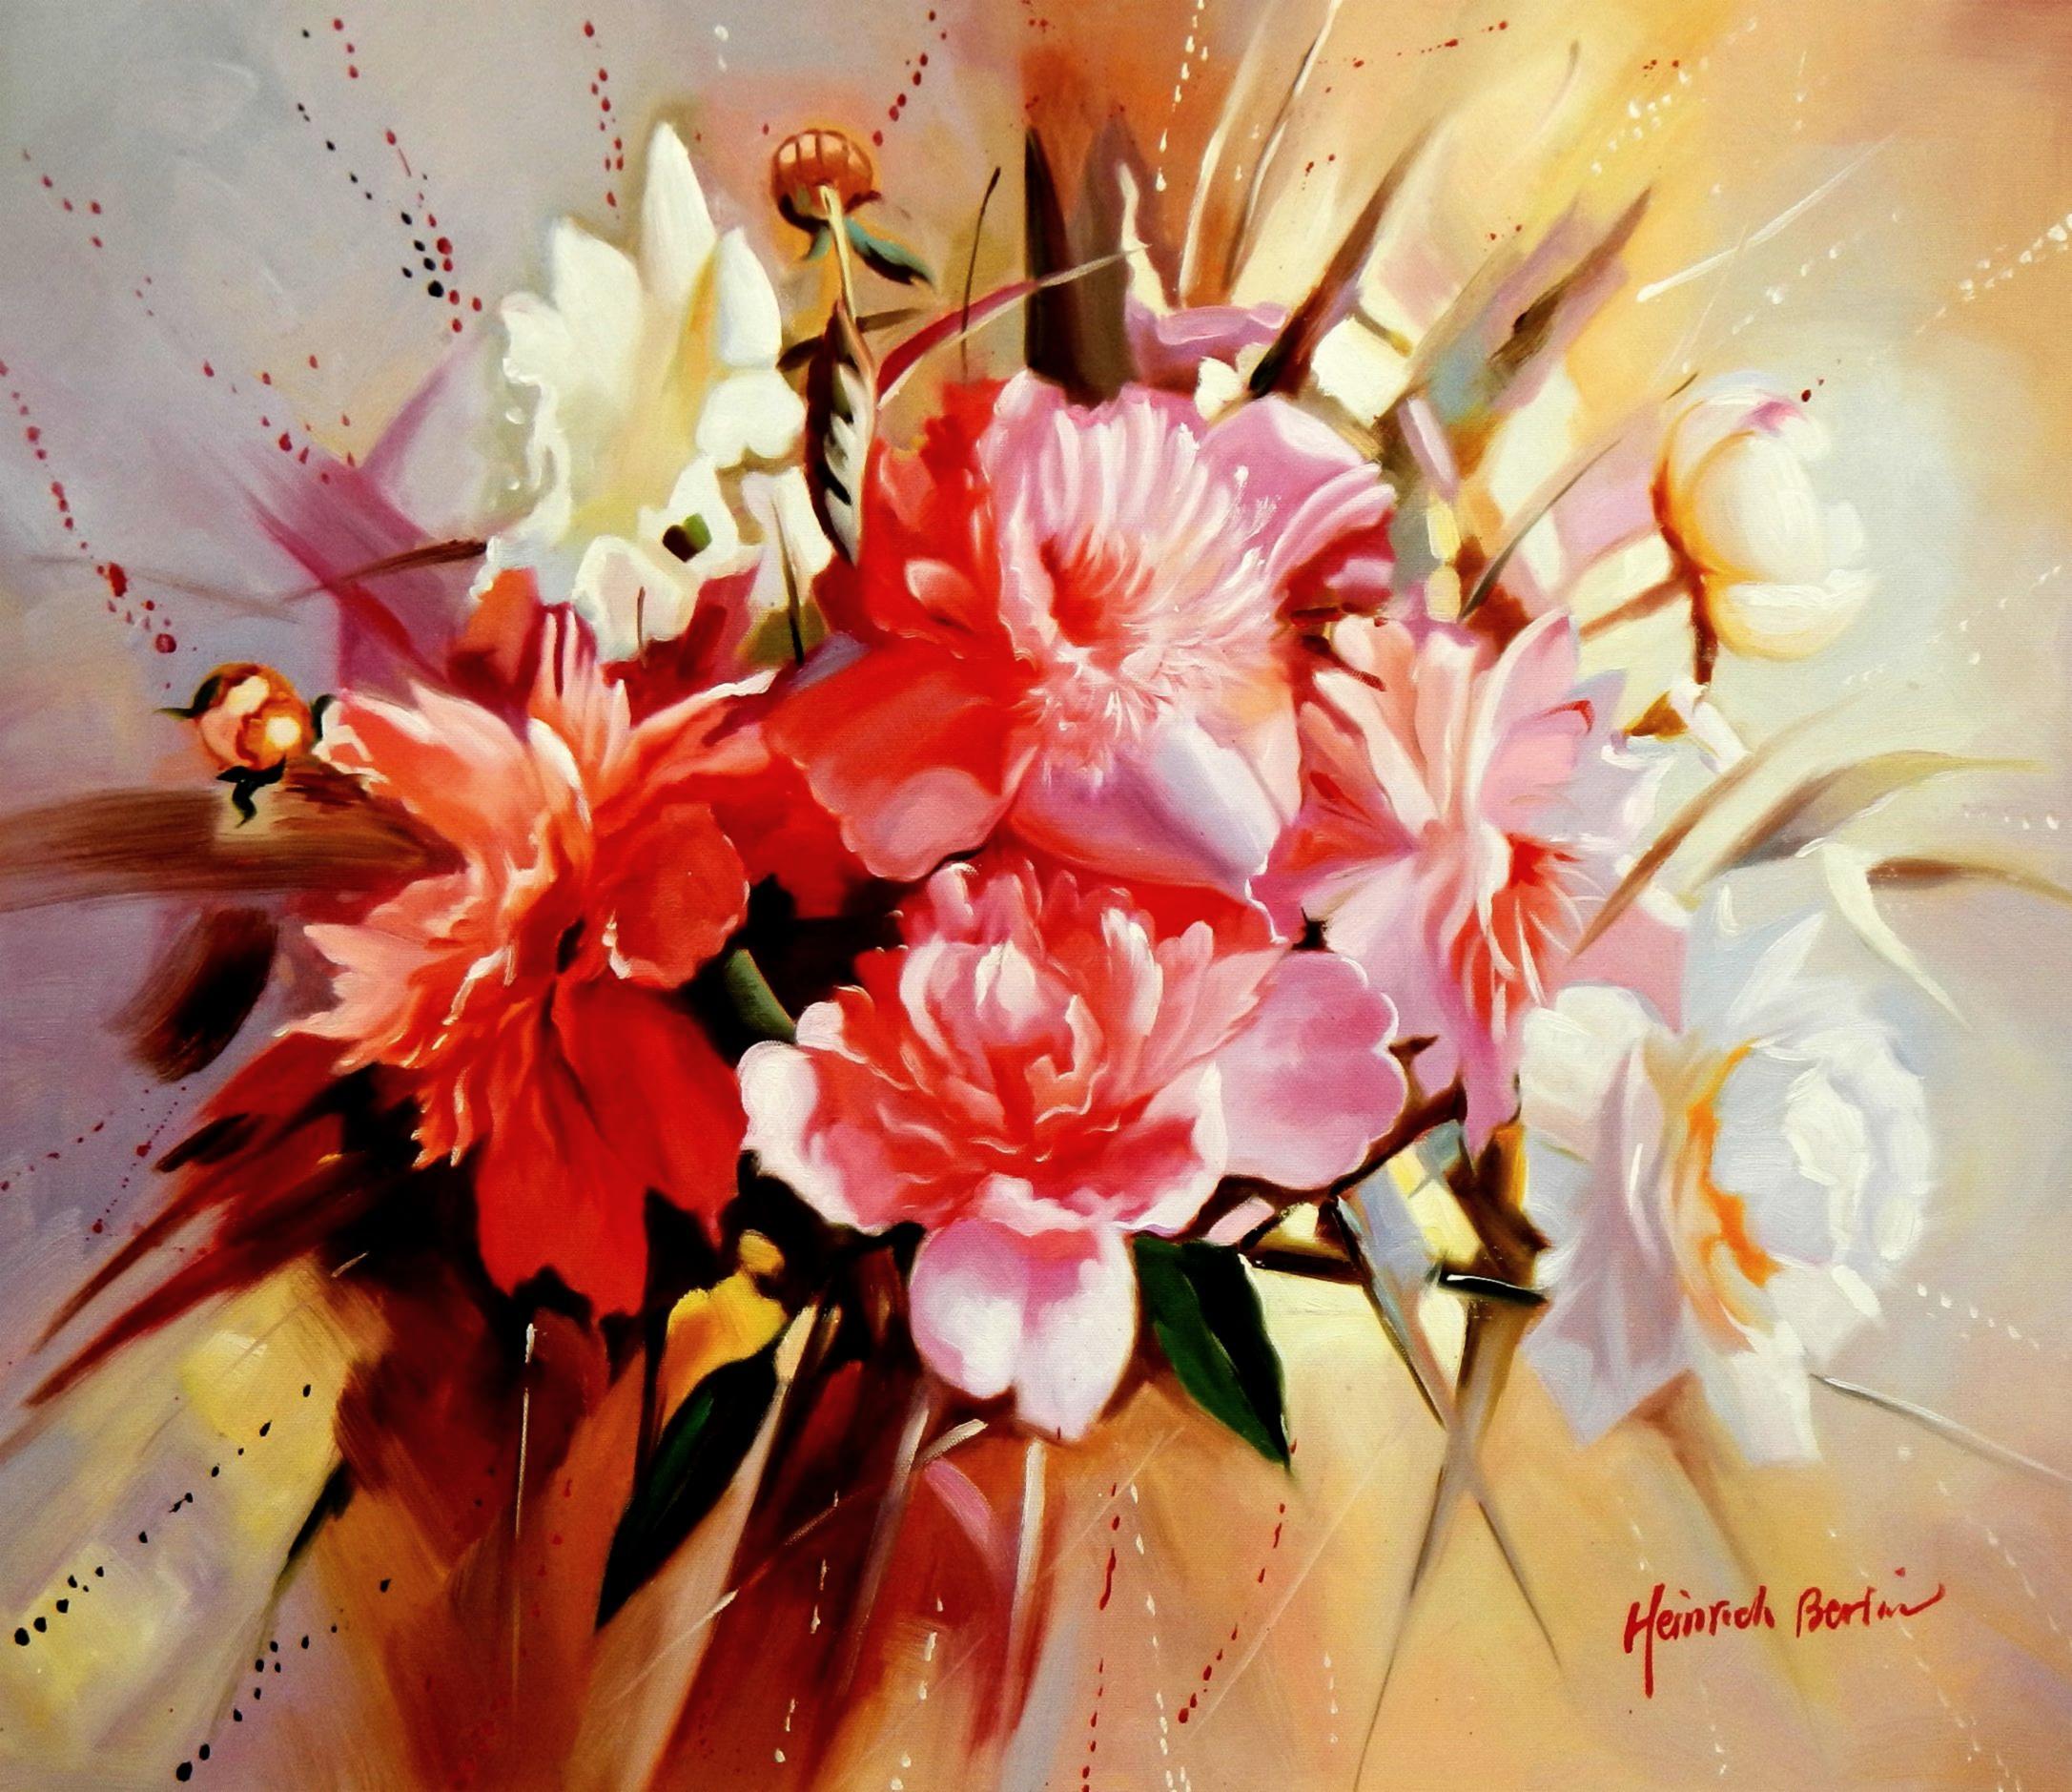 Modern Art - Das Blumenfest c94570 50x60cm handgemaltes Gemälde